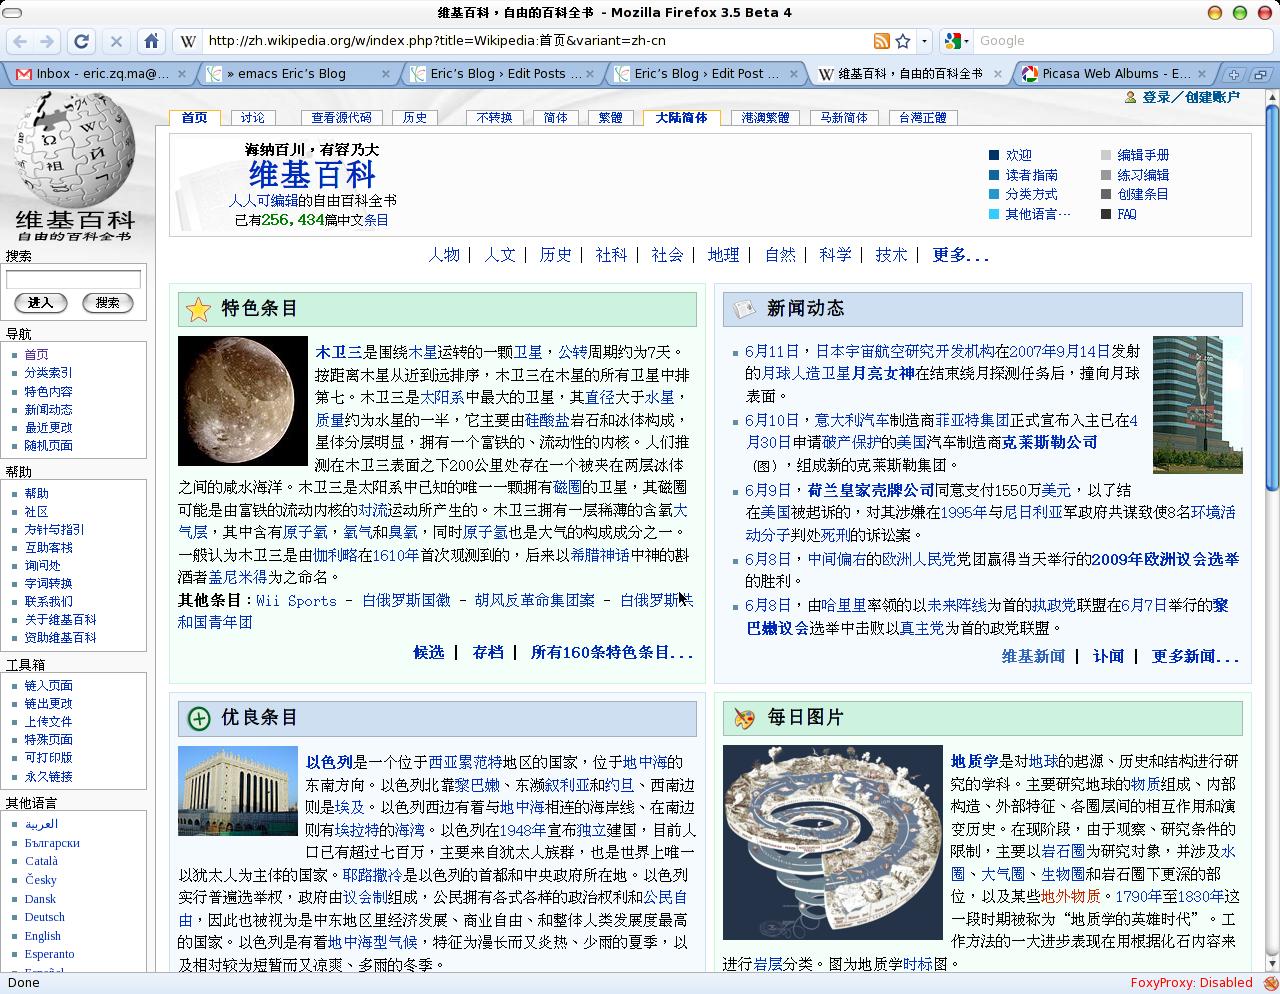 chinese-fonts-Screenshot-Mozilla Firefox 3.5 Beta 4